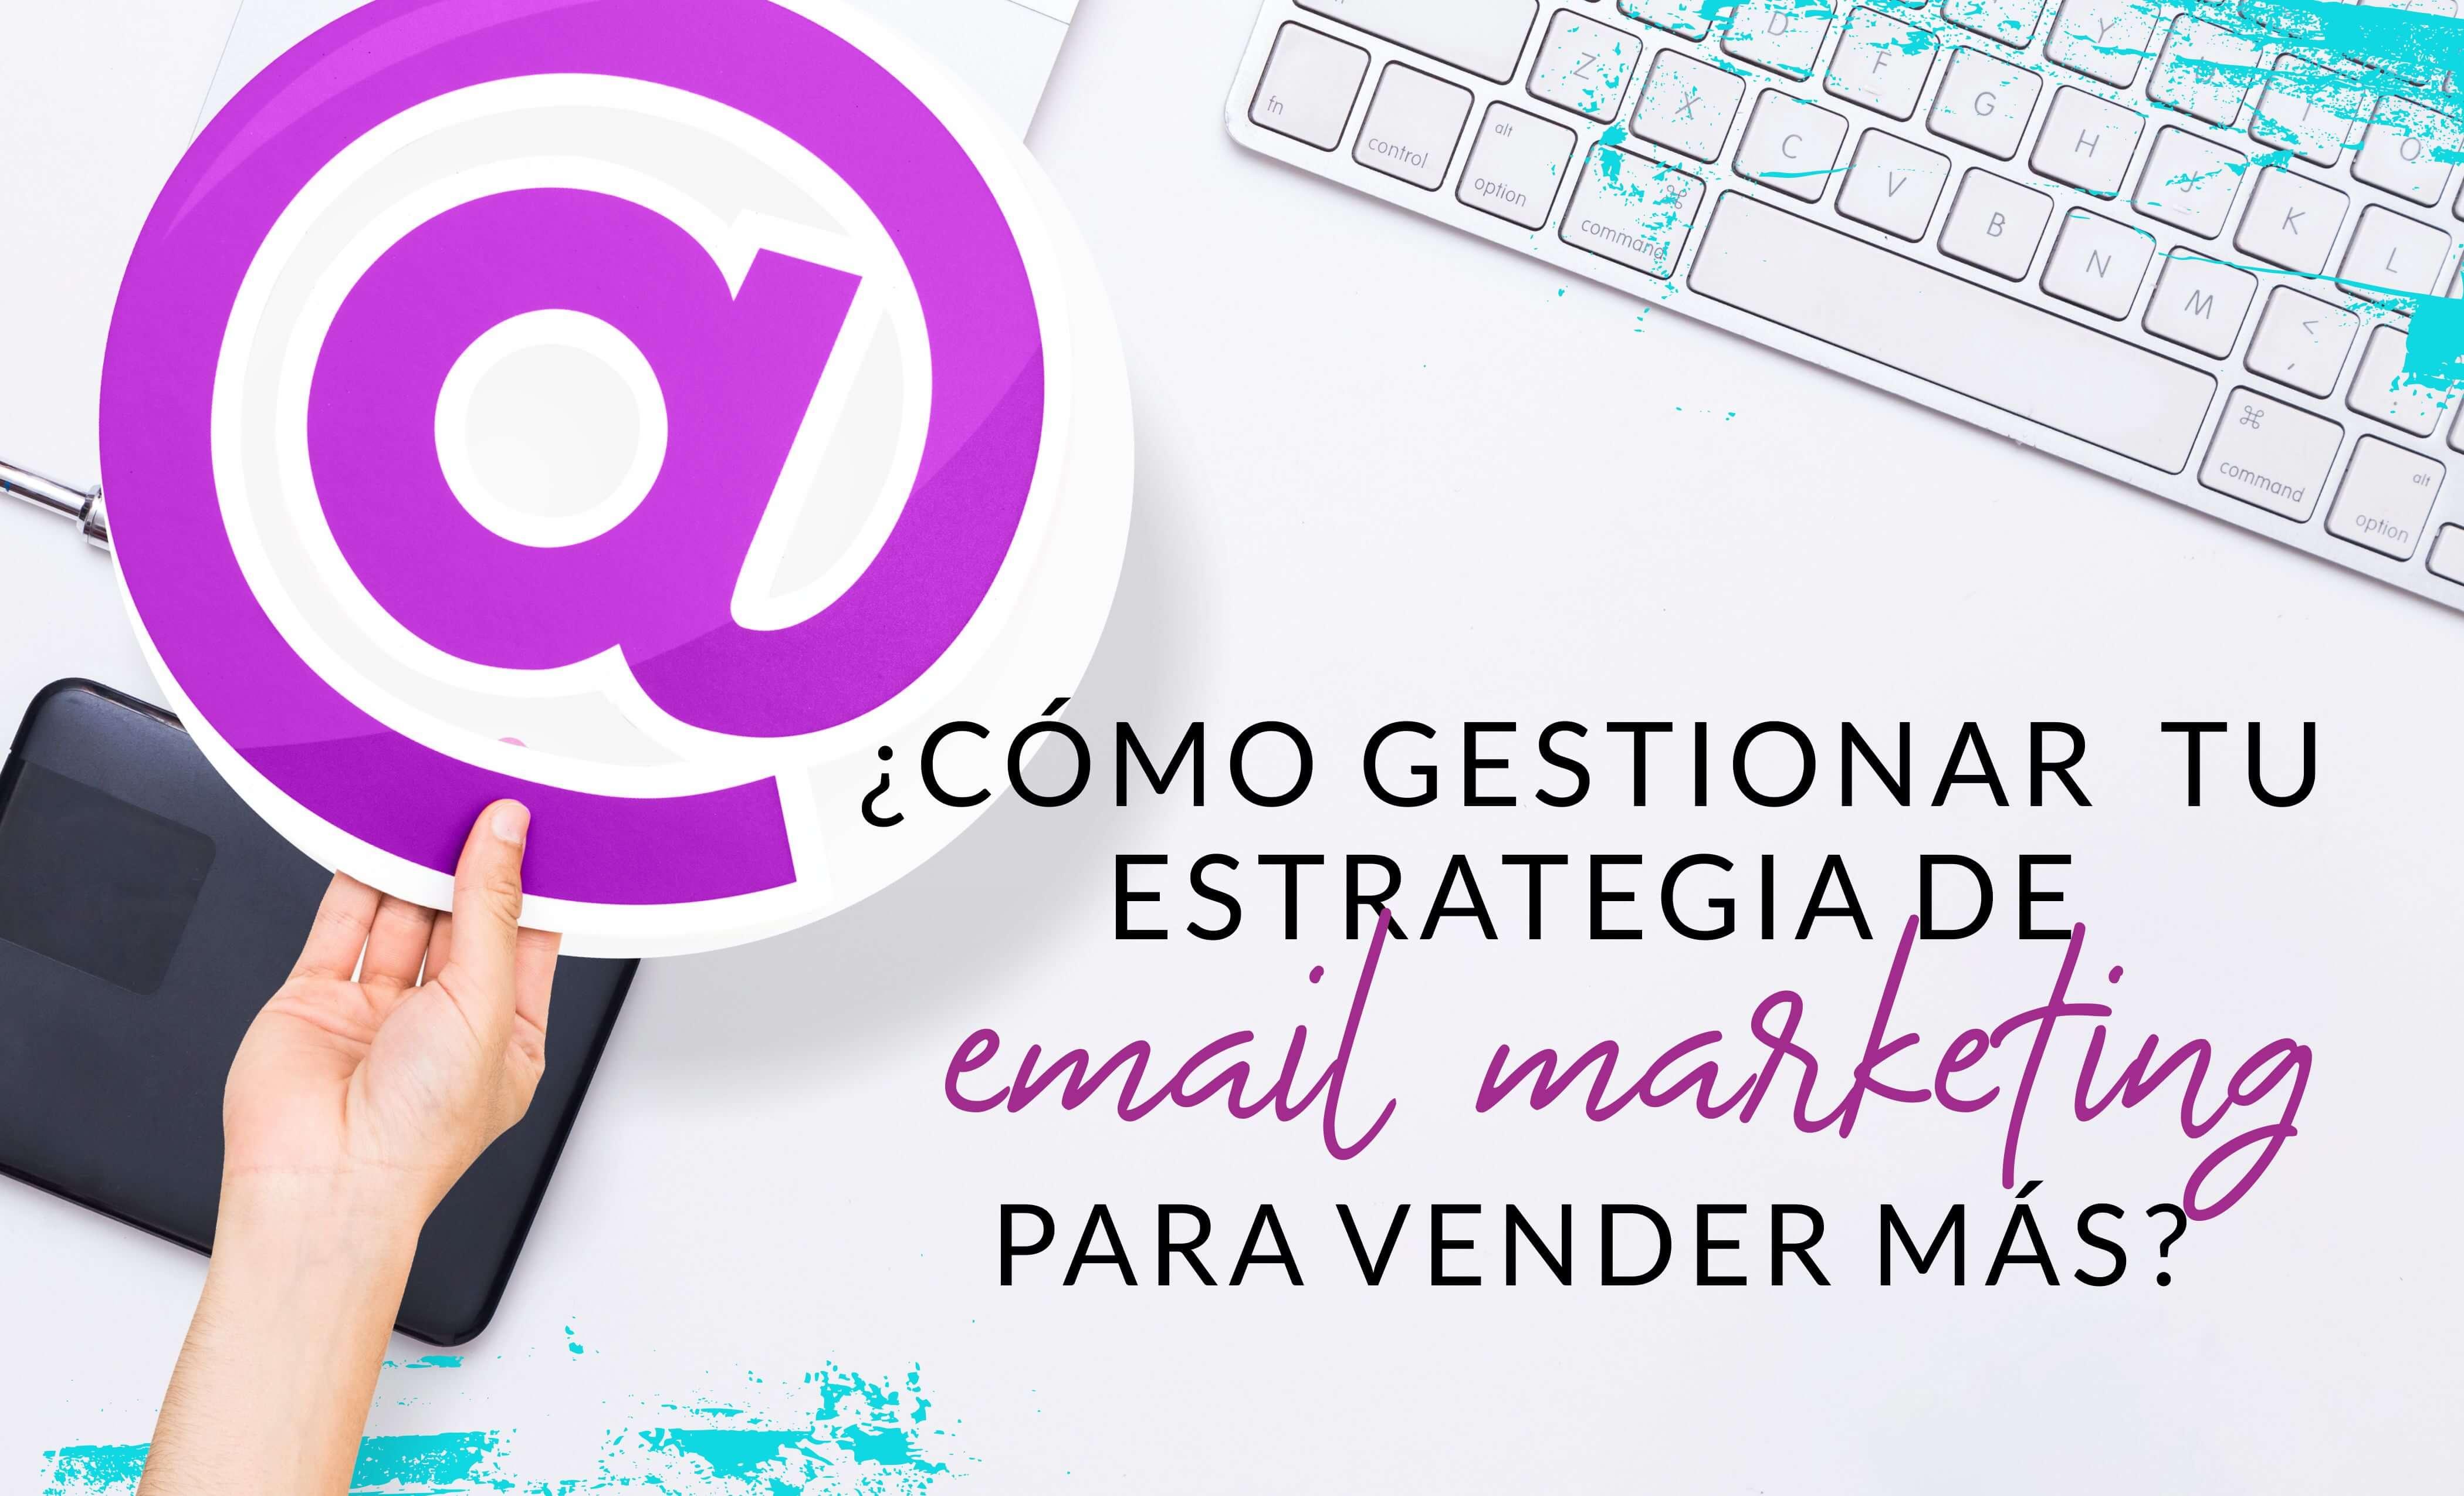 Episodio #18: ¿Cómo gestionar tu estrategia de email marketing para vender más?